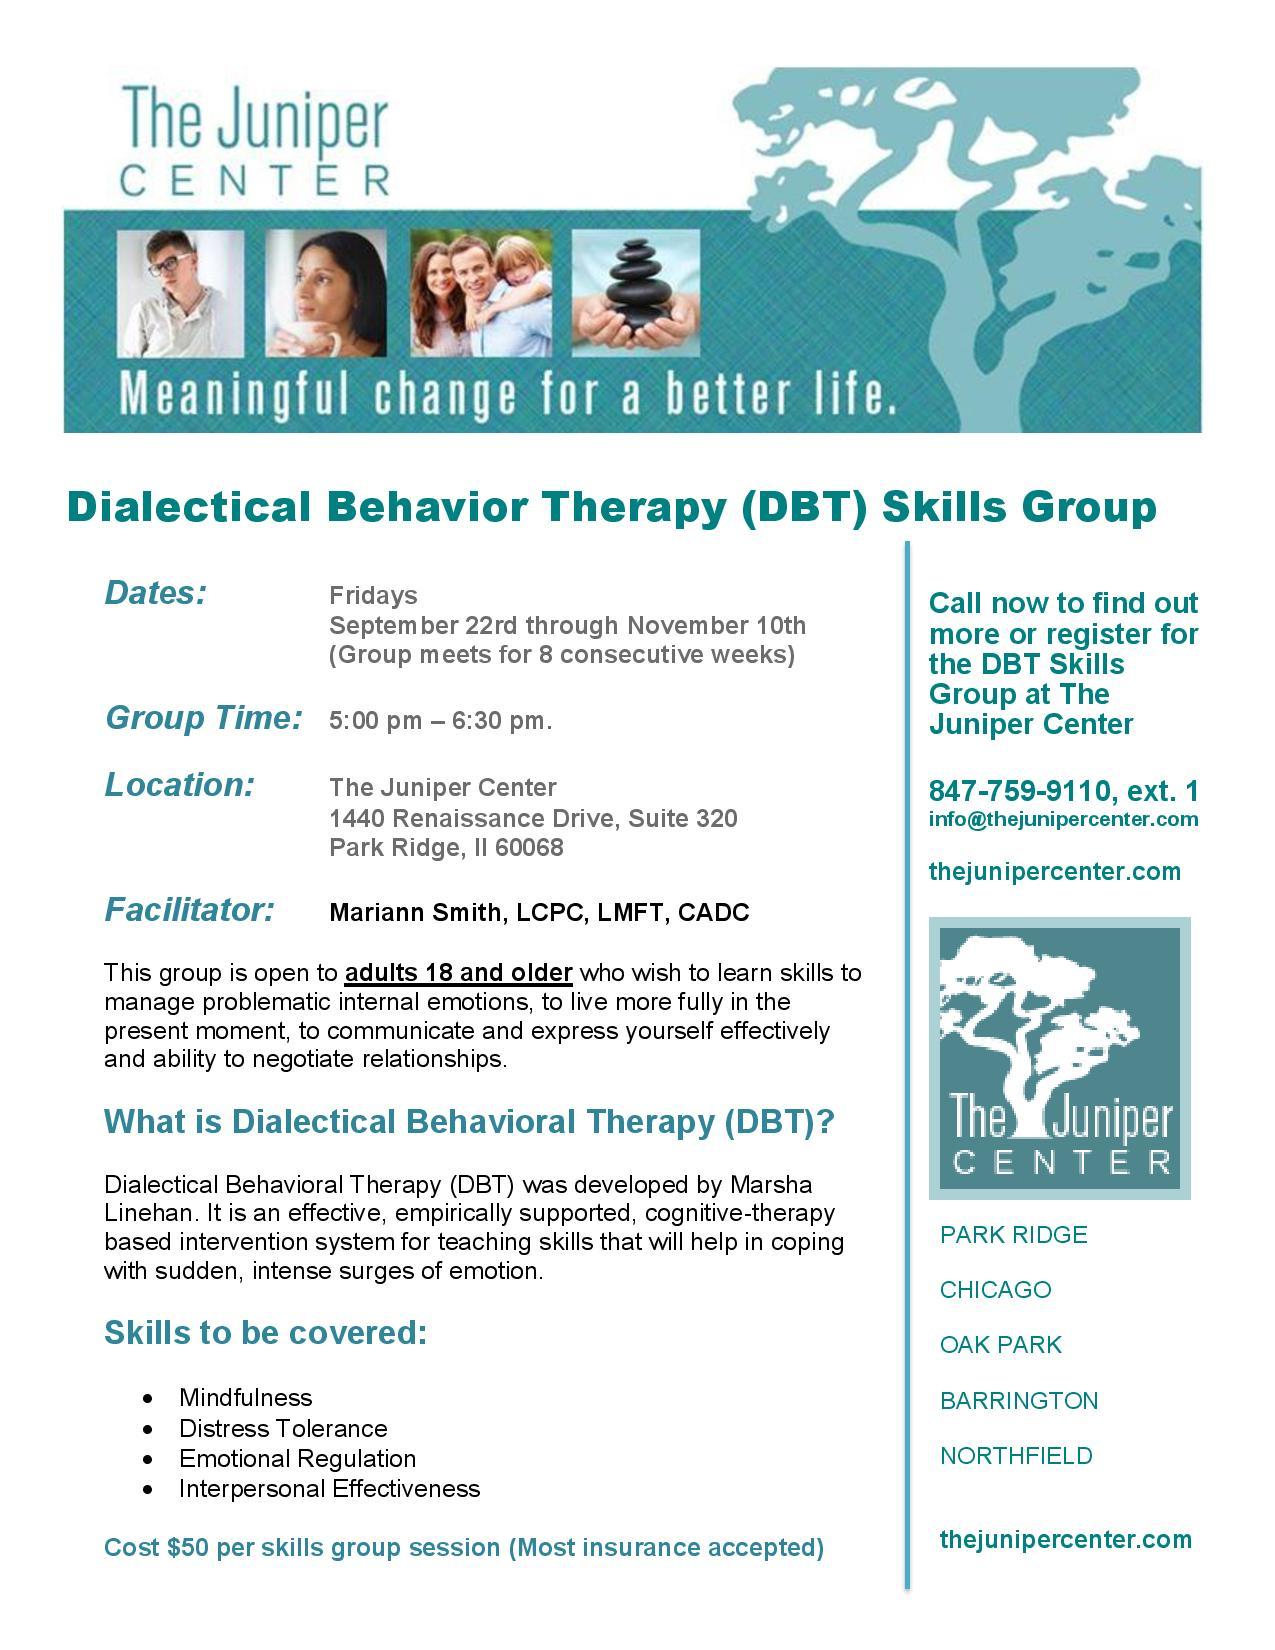 Dbt Group For Managing Emotional Regulation